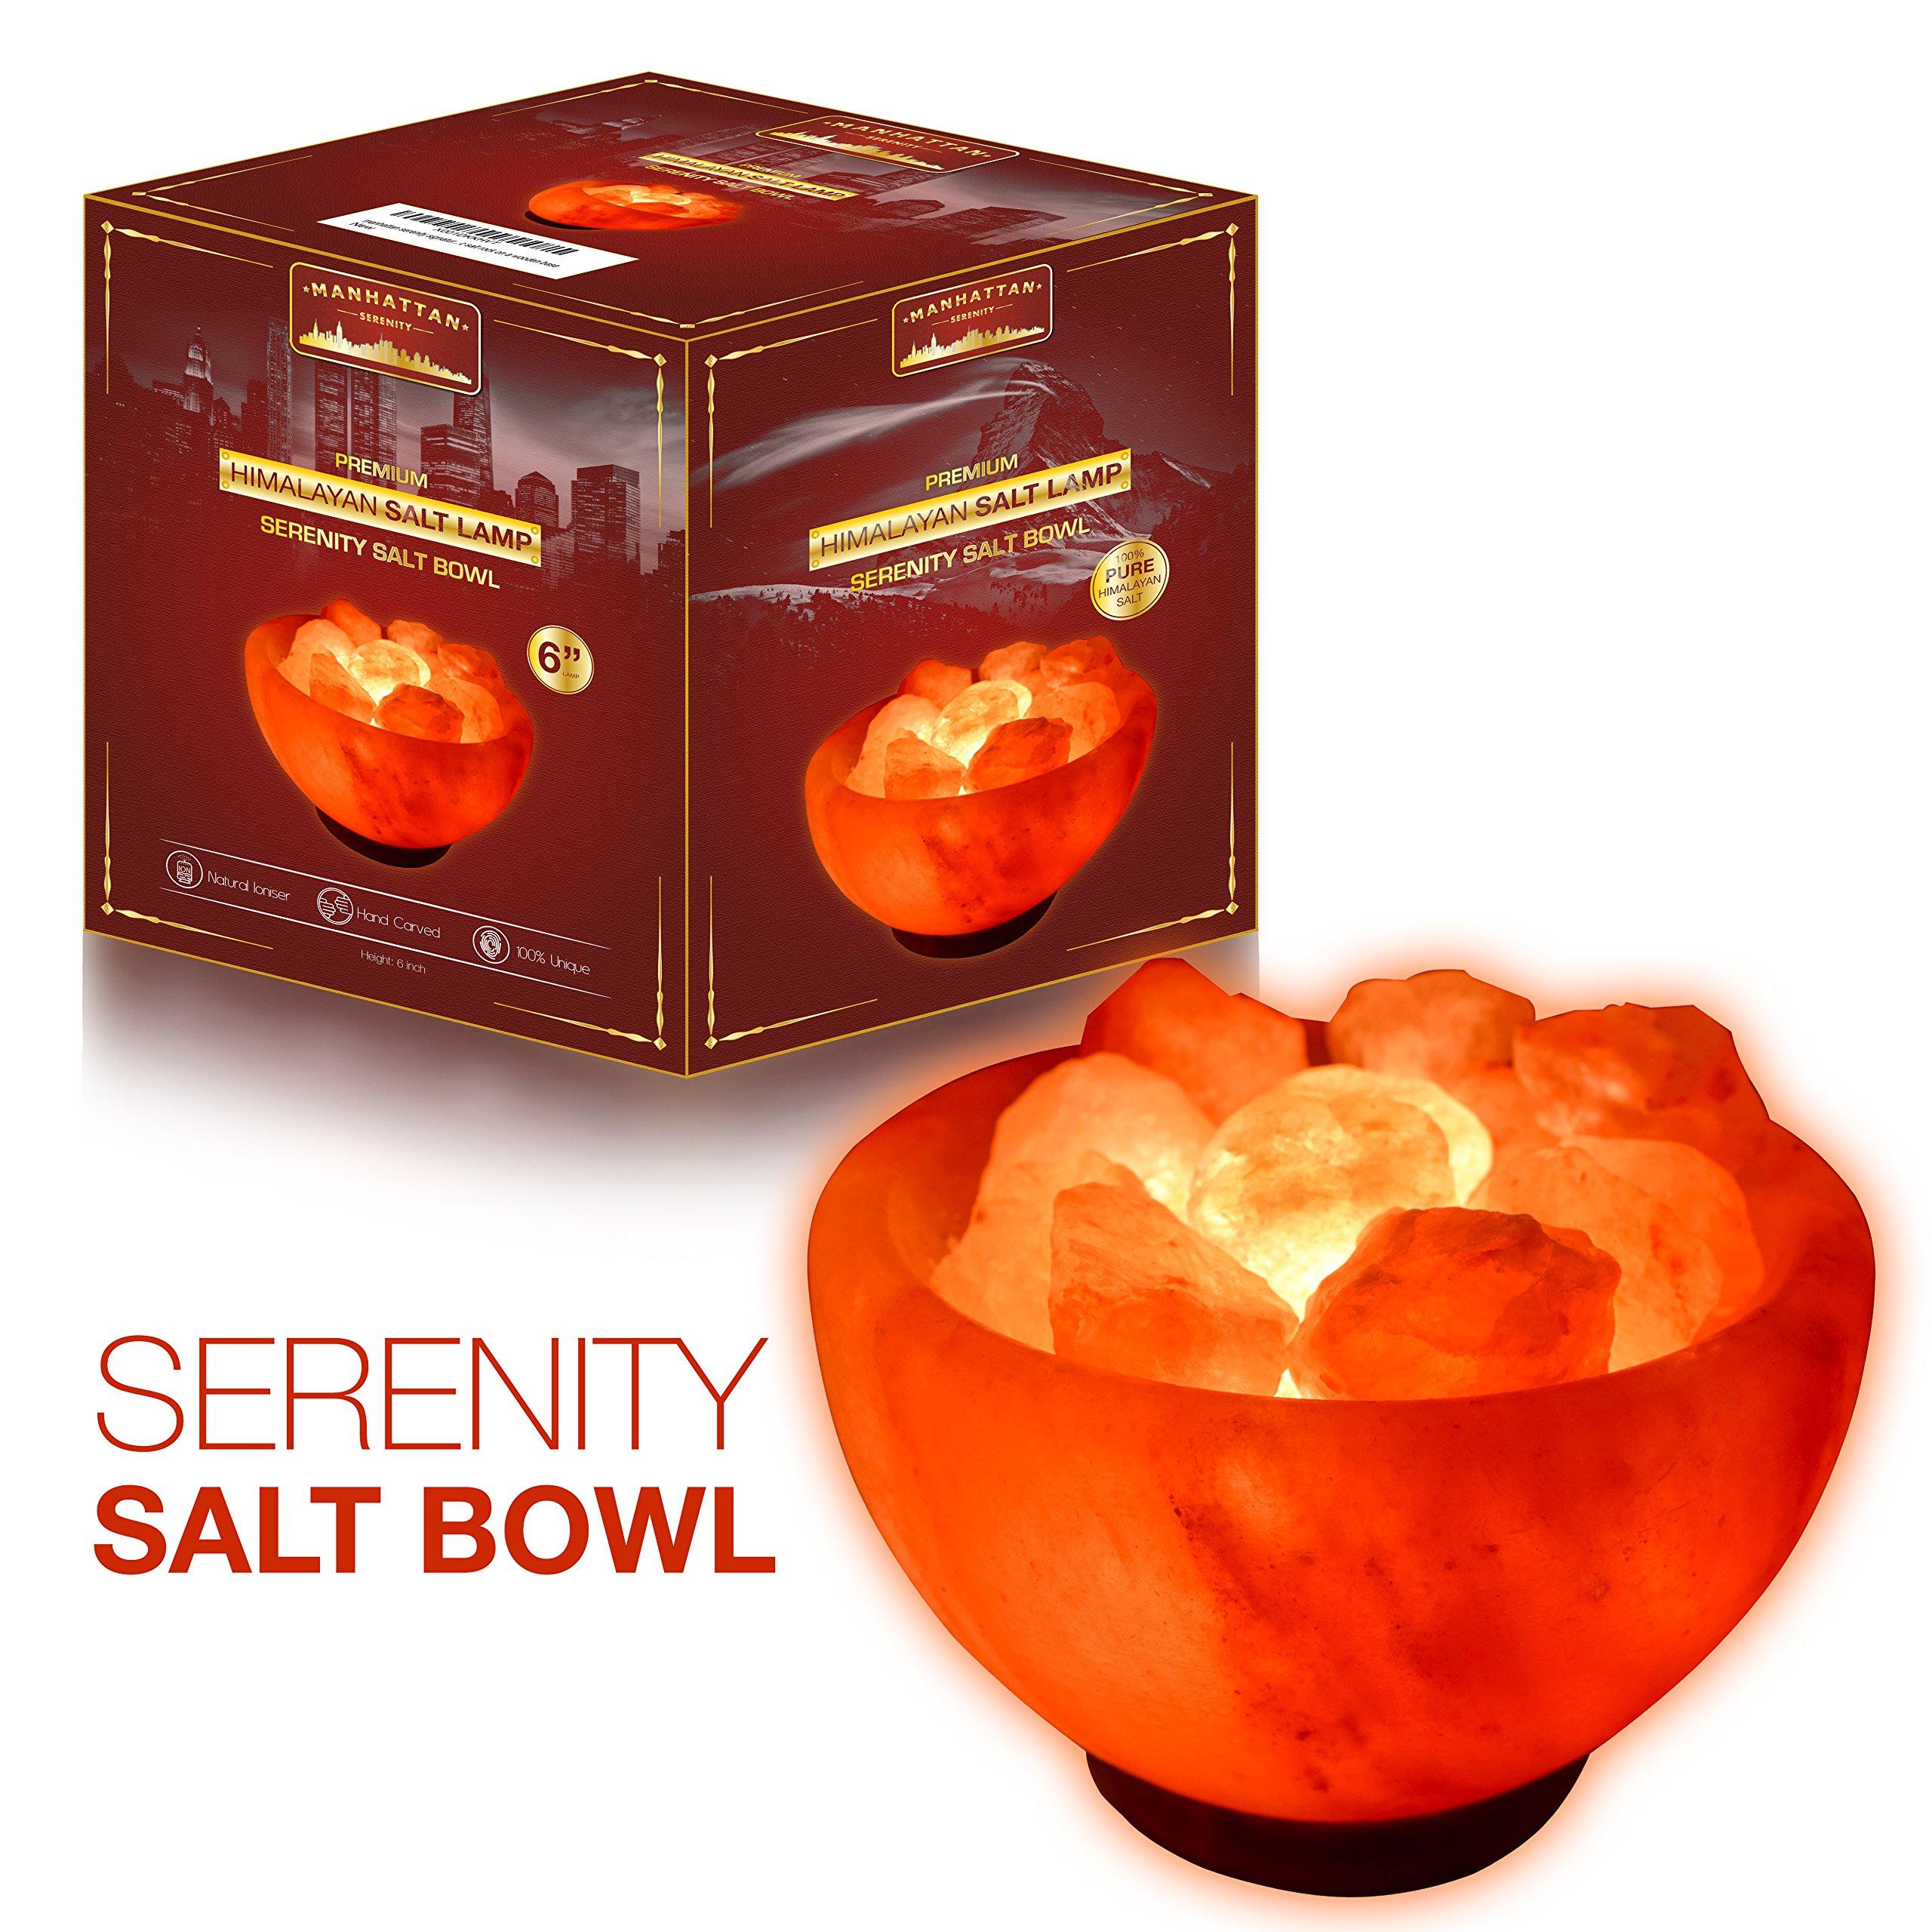 Manhattan Serenity Firebowl Himalayan Salt Lamp. 6ft UL-Certified dimmer switch, 15watt bulb. Carved salt bowl with natural salt chunks on a neem wooden base.